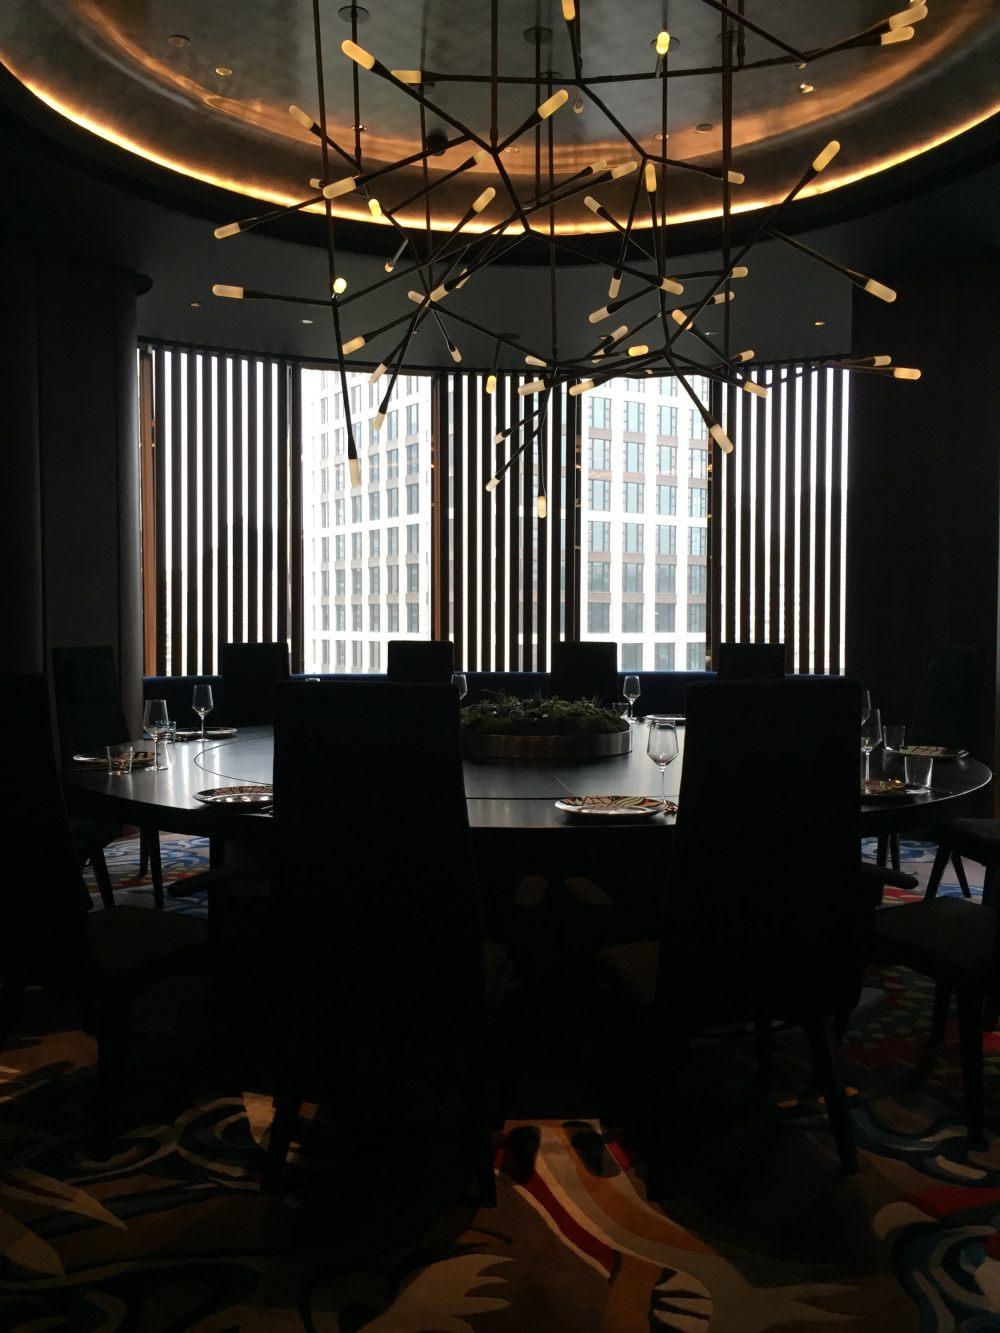 上海外滩W酒店,史上最全入住体验 自拍分享,申请置...._IMG_6256.JPG